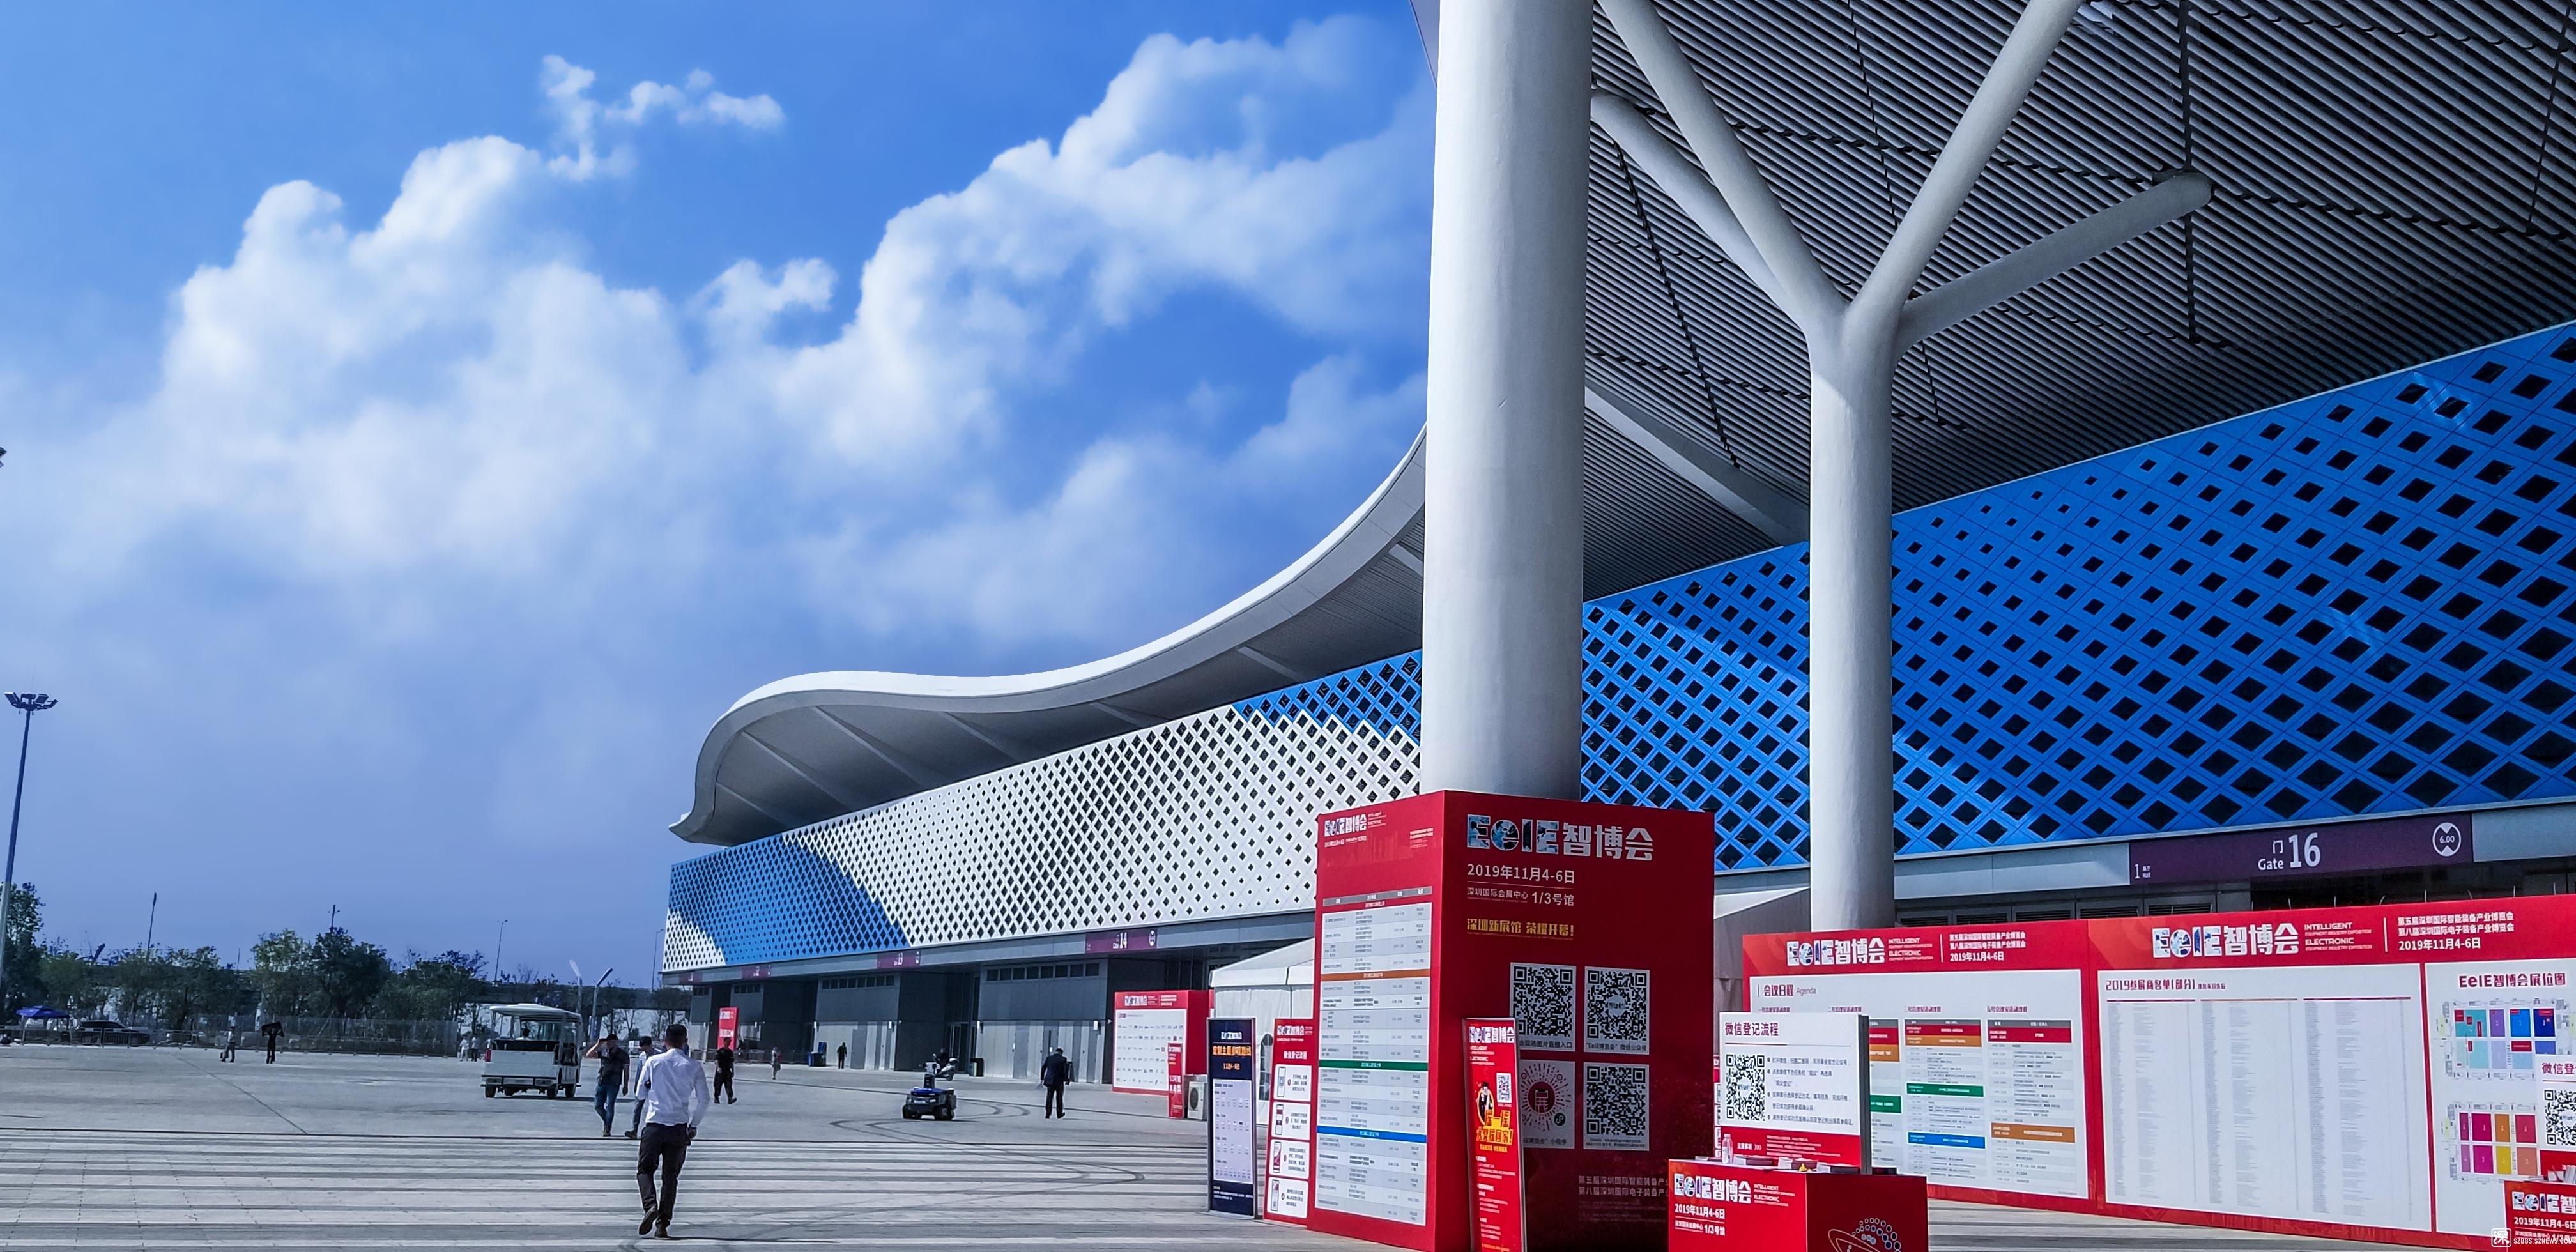 面积大颜值美的深圳国际会展中心